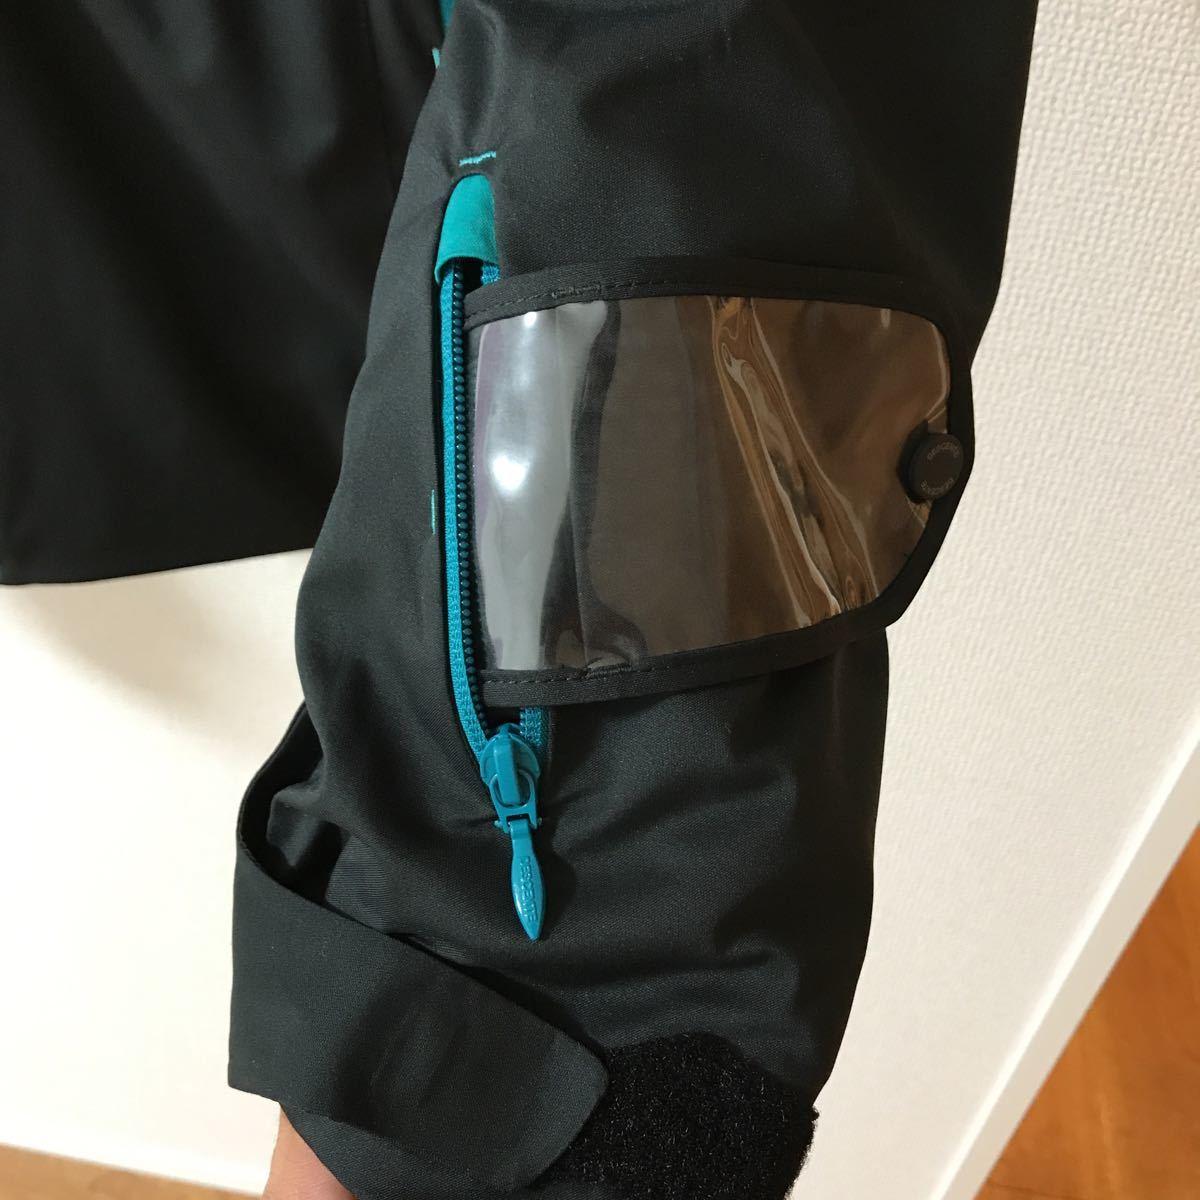 デサント S.I.O JACKET スキージャケット メンズ Sサイズ 送料込み!普段着使いとしてスキー場では未着用です!_画像9